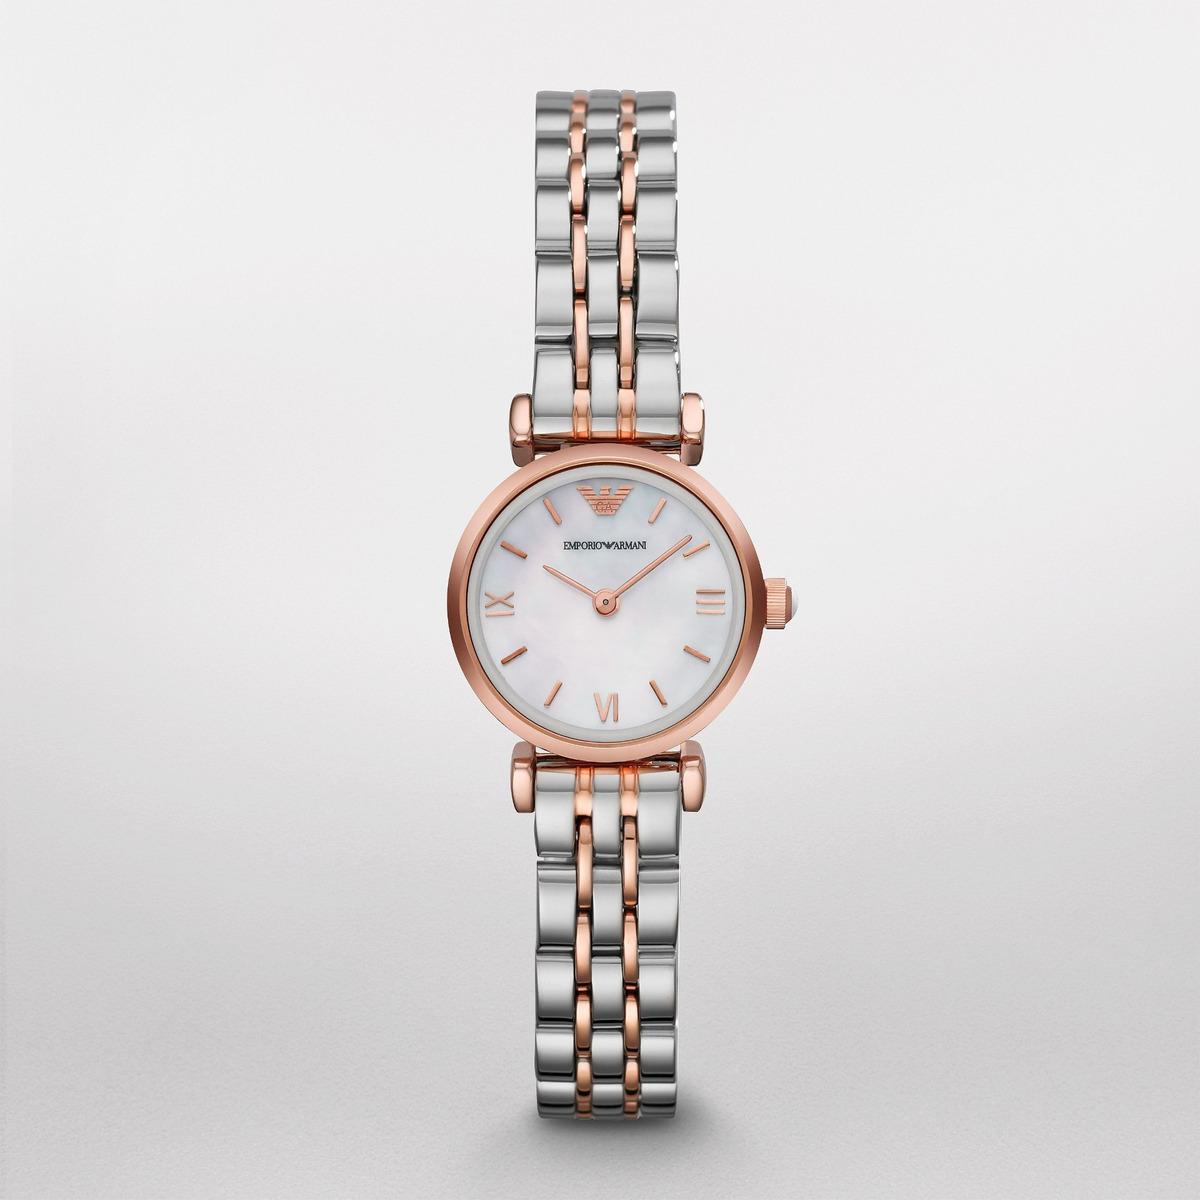 6ac91dfc0bf5 Reloj Emporio Armani Para Mujer (ar1764) Acero Inoxidalbe -   1.049.550 en  Mercado Libre